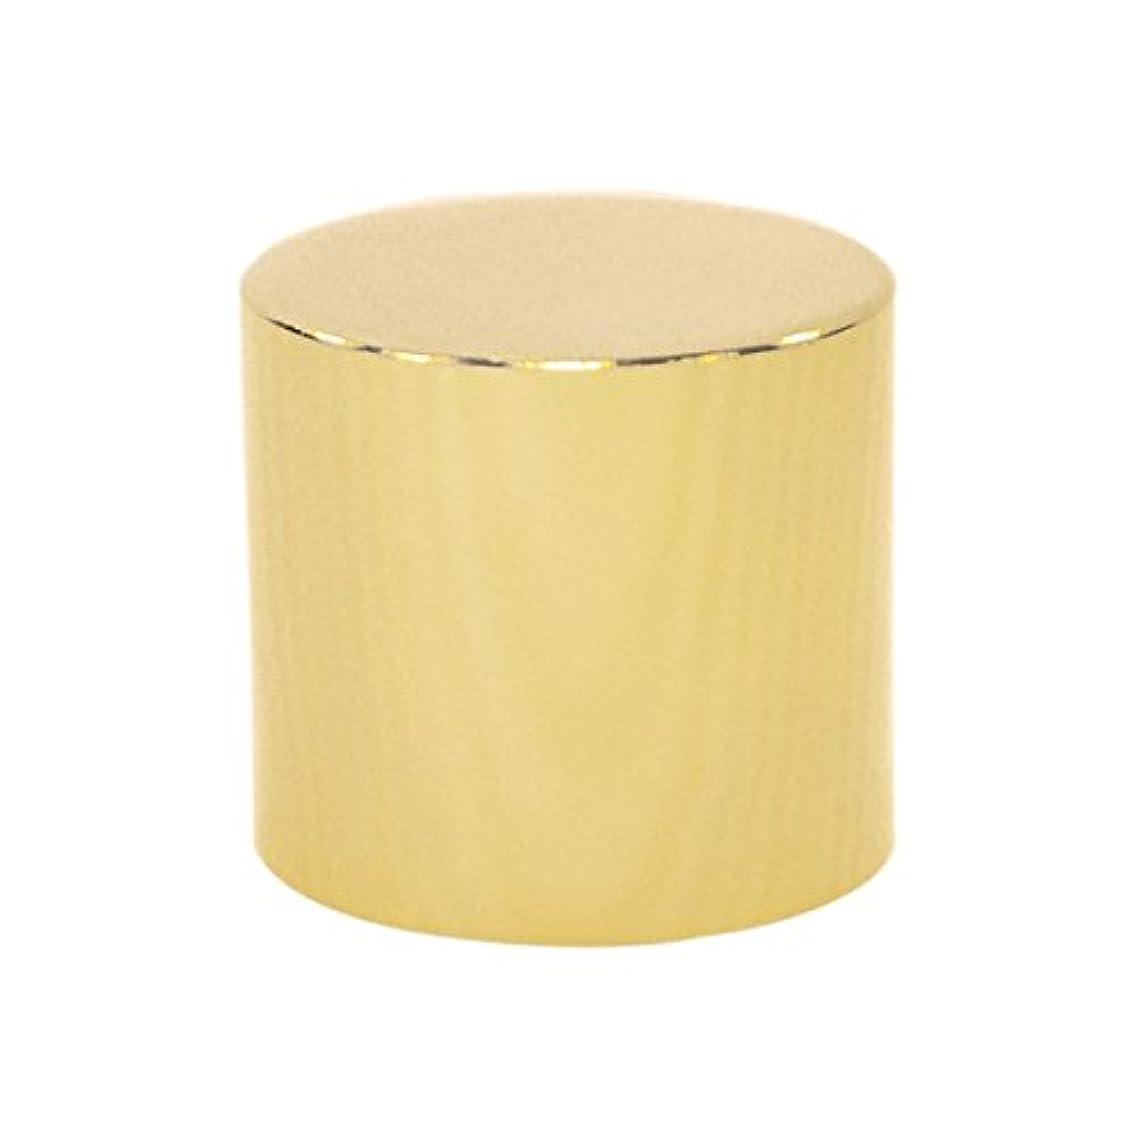 展開する控える組み立てるランプベルジェ(LAMPE BERGER)消火キャップ【正規輸入品】密閉蓋ゴールド